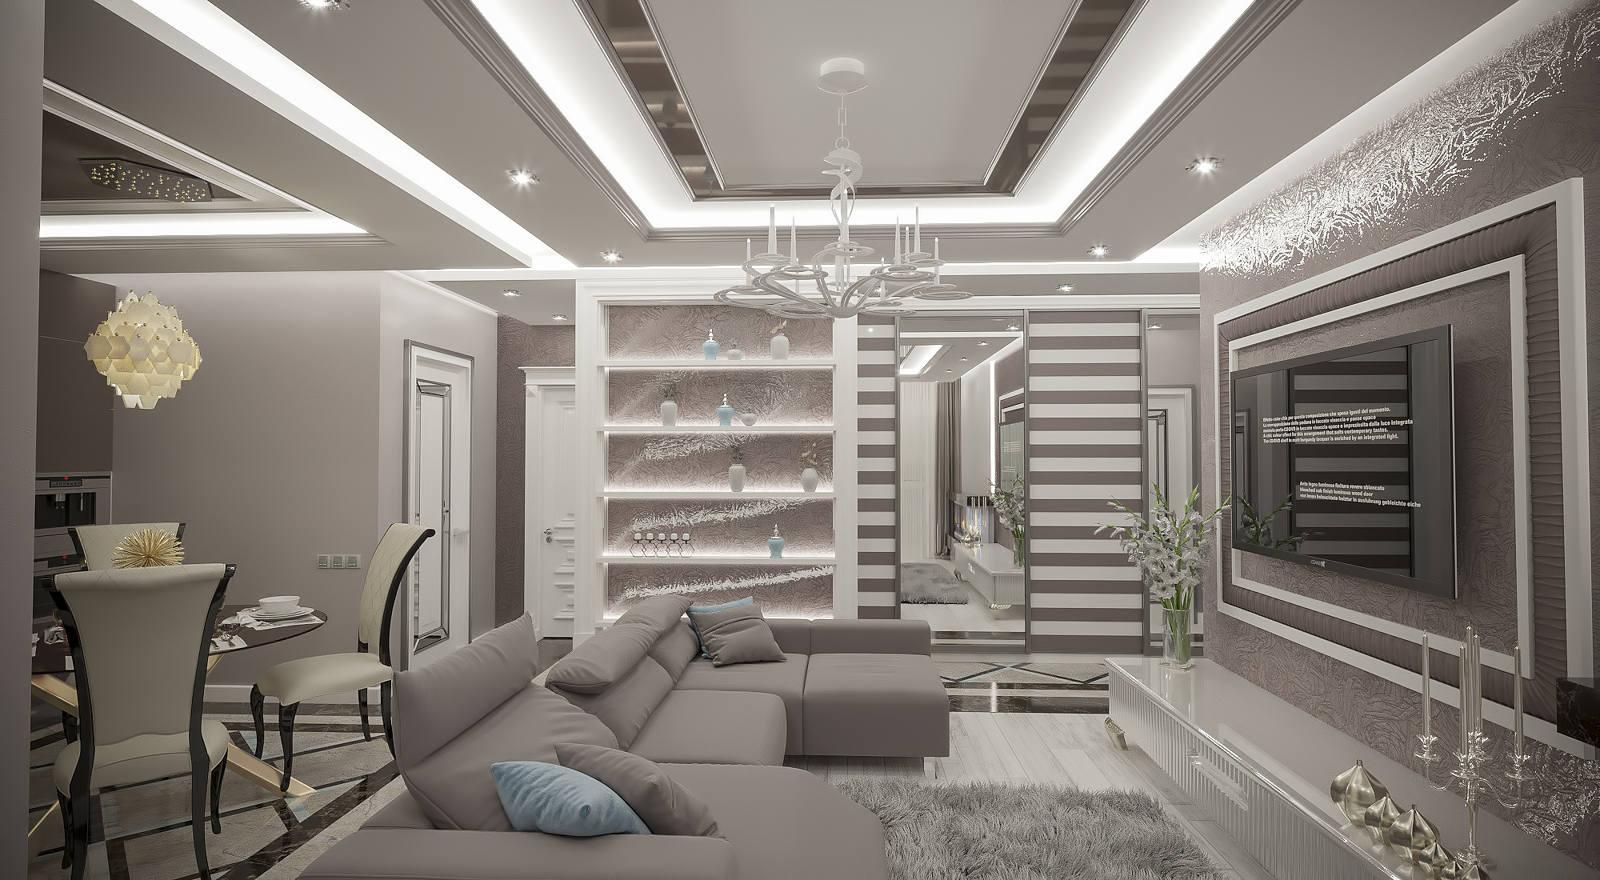 Дизайн нтерьера гостинной Киев, диван, зеркала на потолке